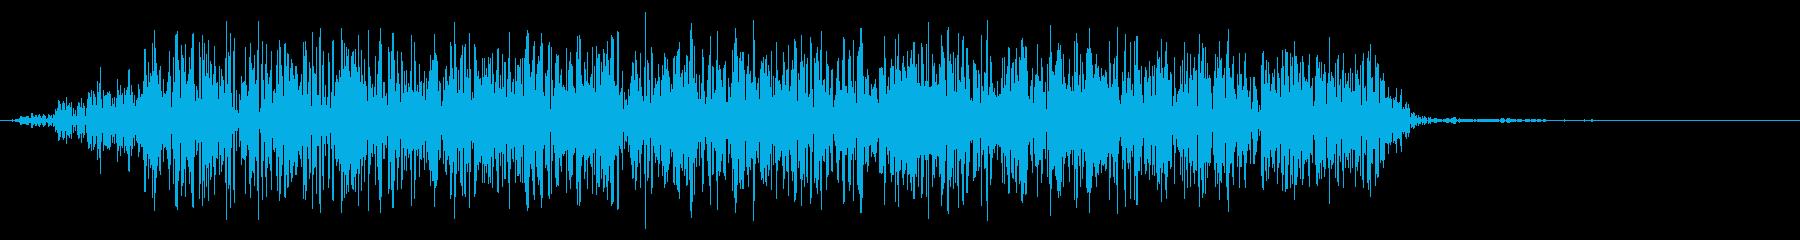 モンスター 威嚇 06の再生済みの波形